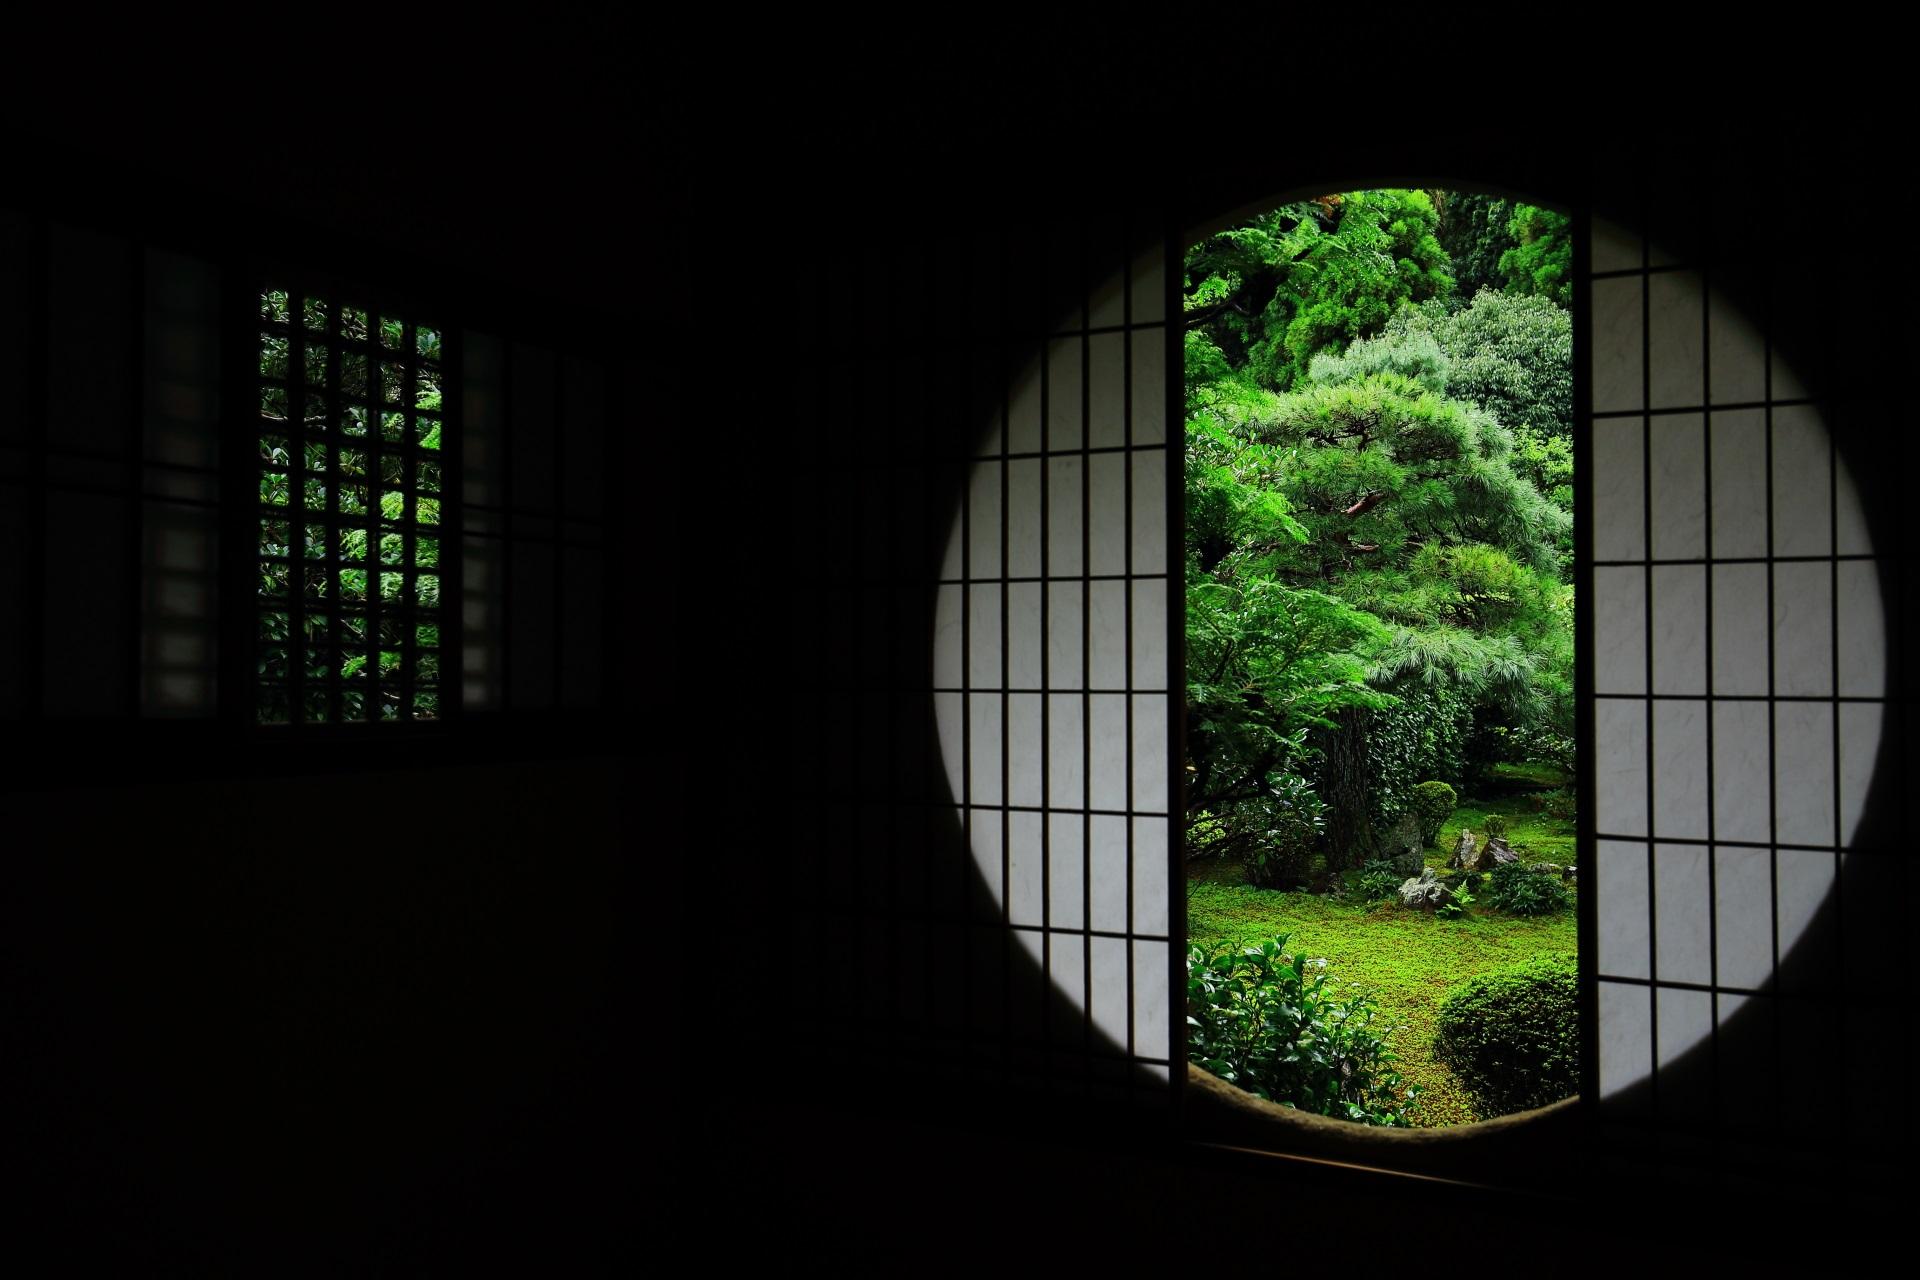 芬陀院の茶室「恵観堂」と緑の綺麗な庭園